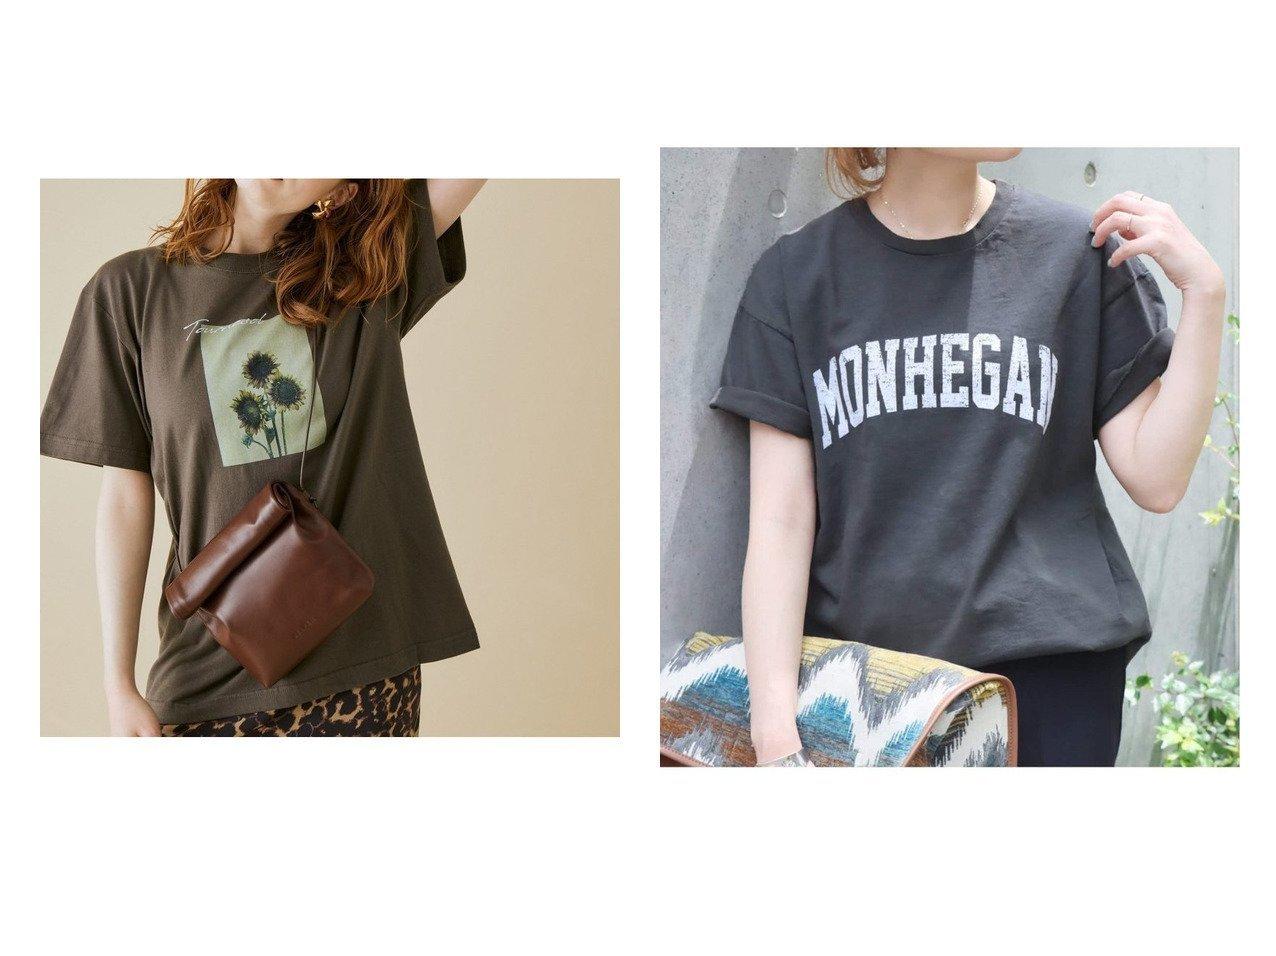 【JOURNAL STANDARD/ジャーナルスタンダード】の【スラッピー】 SHORT SLEEVE TEE Tシャツ 2&【ROPE' mademoiselle/ロペ マドモアゼル】の【VTA for MADEMOISELLE】フラワーフォトショートスリーブ Tシャツ 【トップス・カットソー】おすすめ!人気、トレンド・レディースファッションの通販 おすすめで人気の流行・トレンド、ファッションの通販商品 インテリア・家具・メンズファッション・キッズファッション・レディースファッション・服の通販 founy(ファニー) https://founy.com/ ファッション Fashion レディースファッション WOMEN トップス・カットソー Tops/Tshirt シャツ/ブラウス Shirts/Blouses ロング / Tシャツ T-Shirts カットソー Cut and Sewn カットソー フラワー プリント ポケット ワーク 夏 Summer NEW・新作・新着・新入荷 New Arrivals 2021年 2021 2021春夏・S/S SS/Spring/Summer/2021 S/S・春夏 SS・Spring/Summer |ID:crp329100000062714